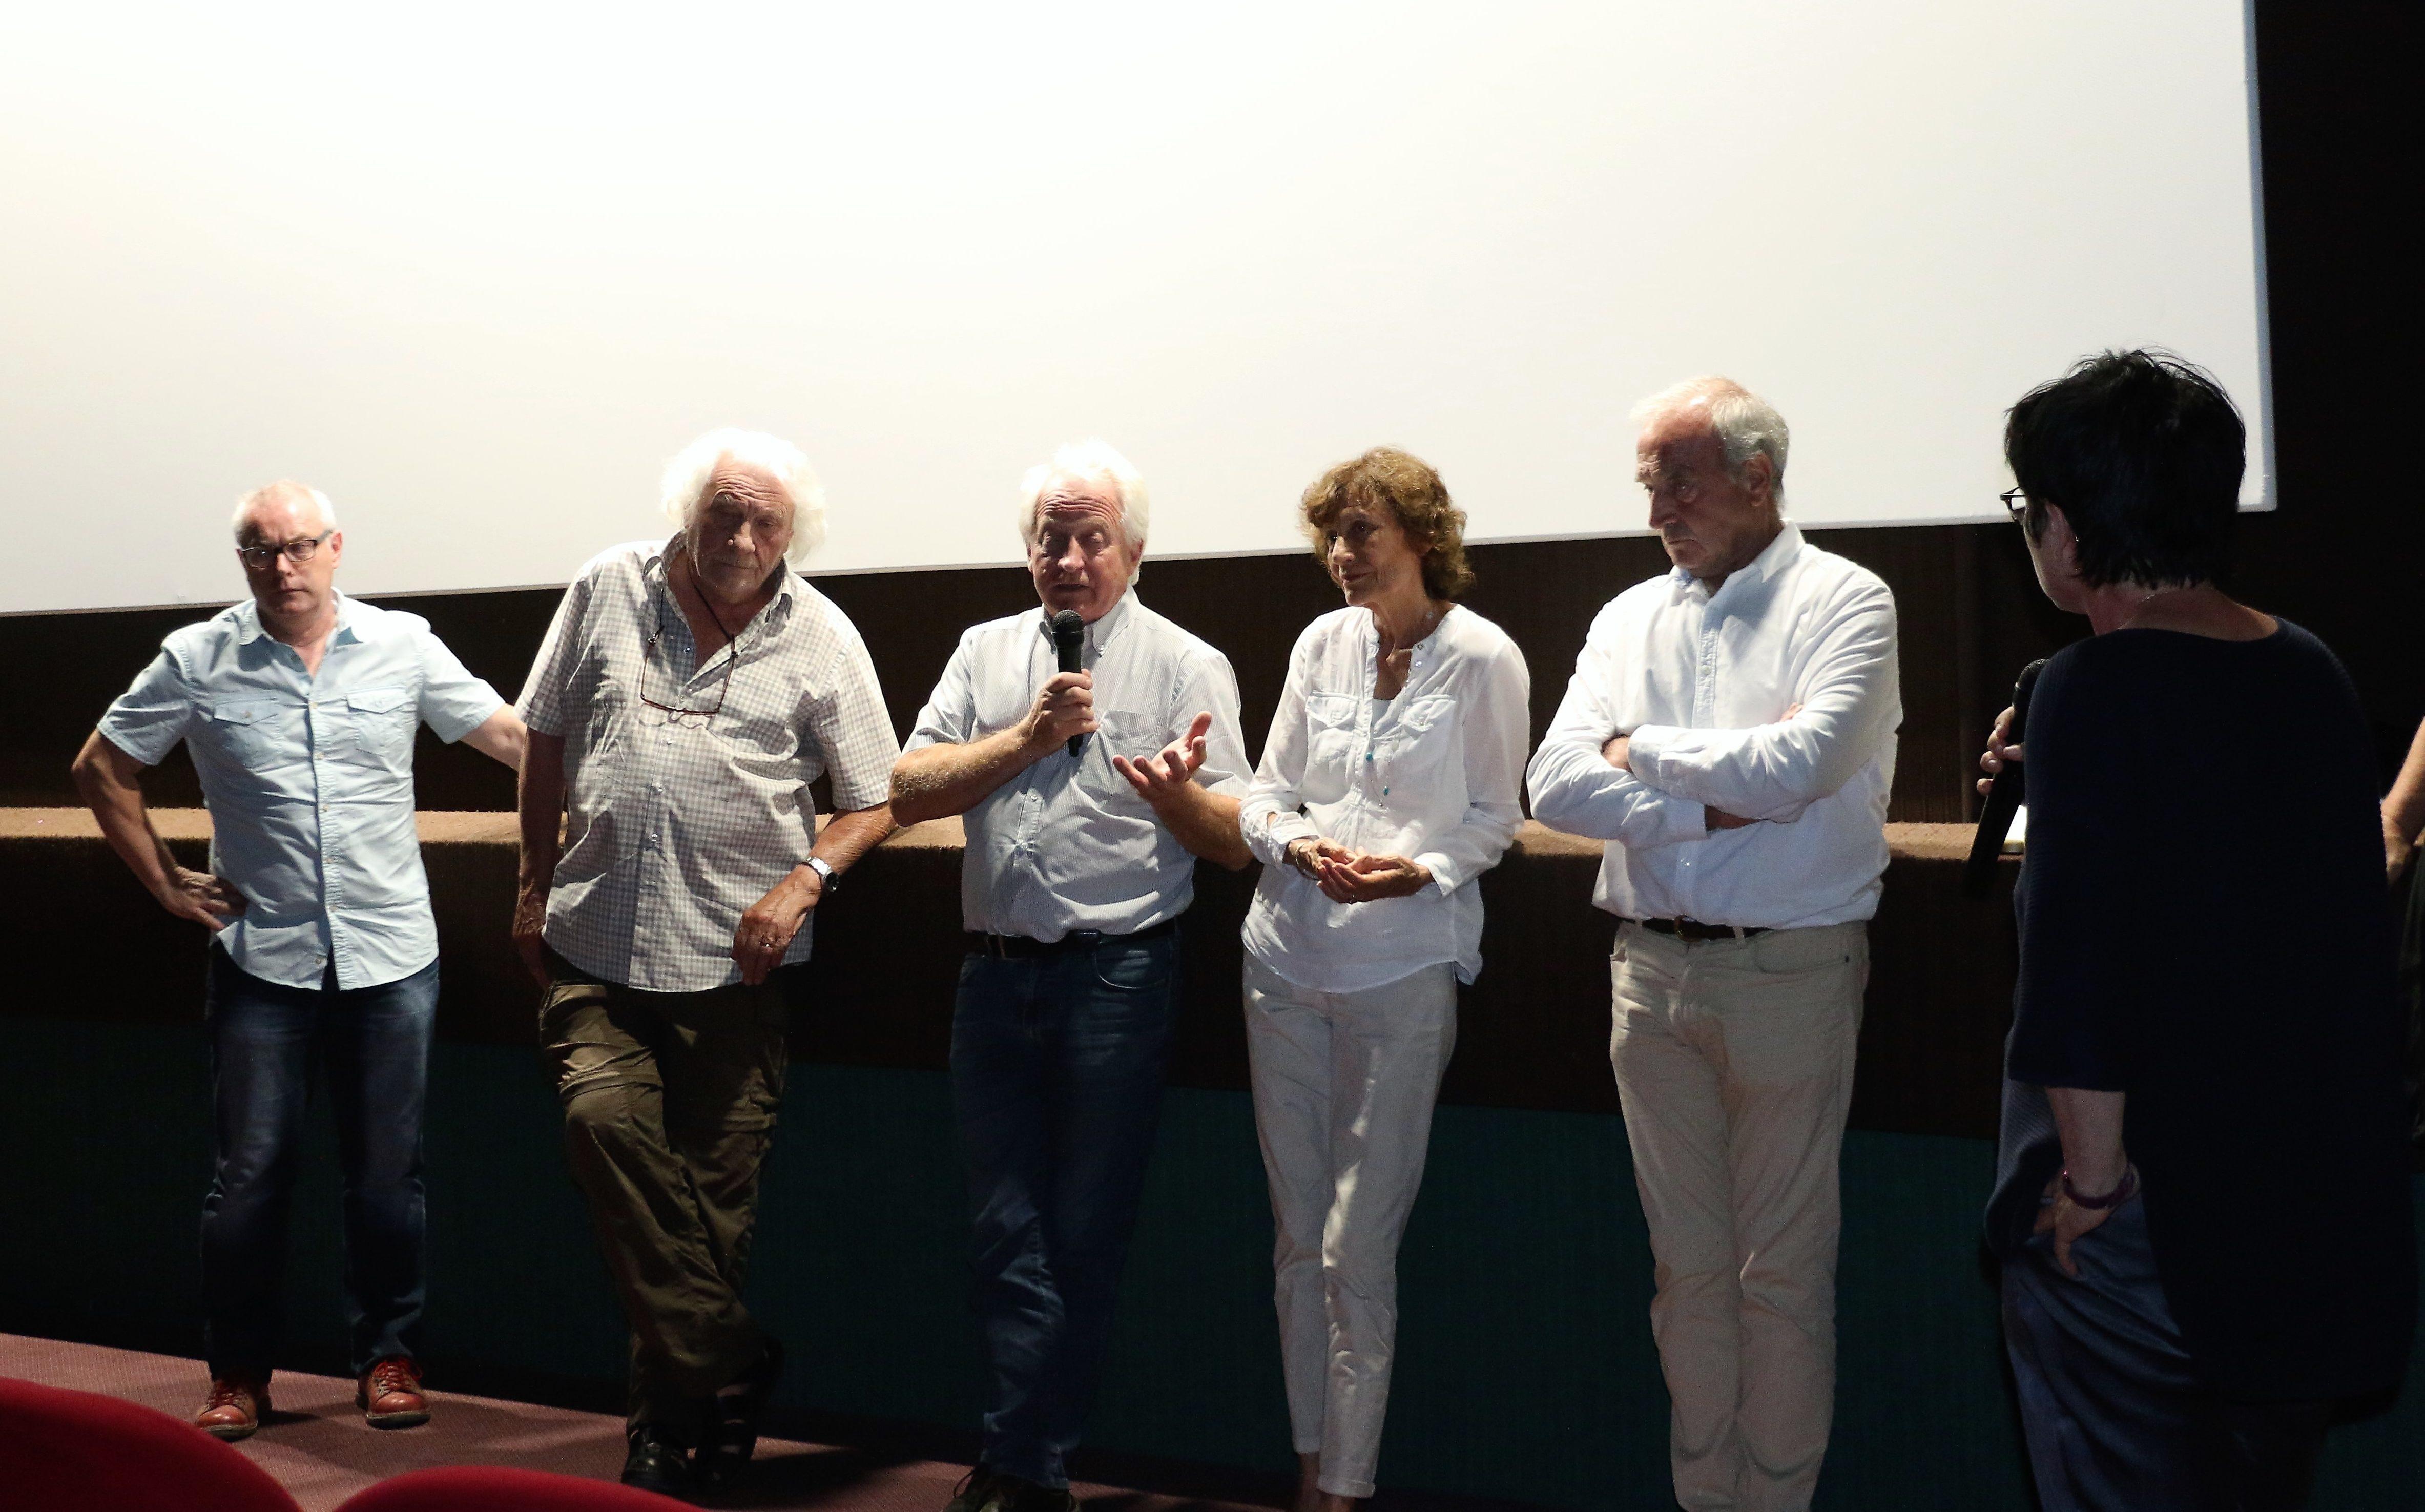 Aline RICHARD interviewe le réalisateur et les acteurs du film.